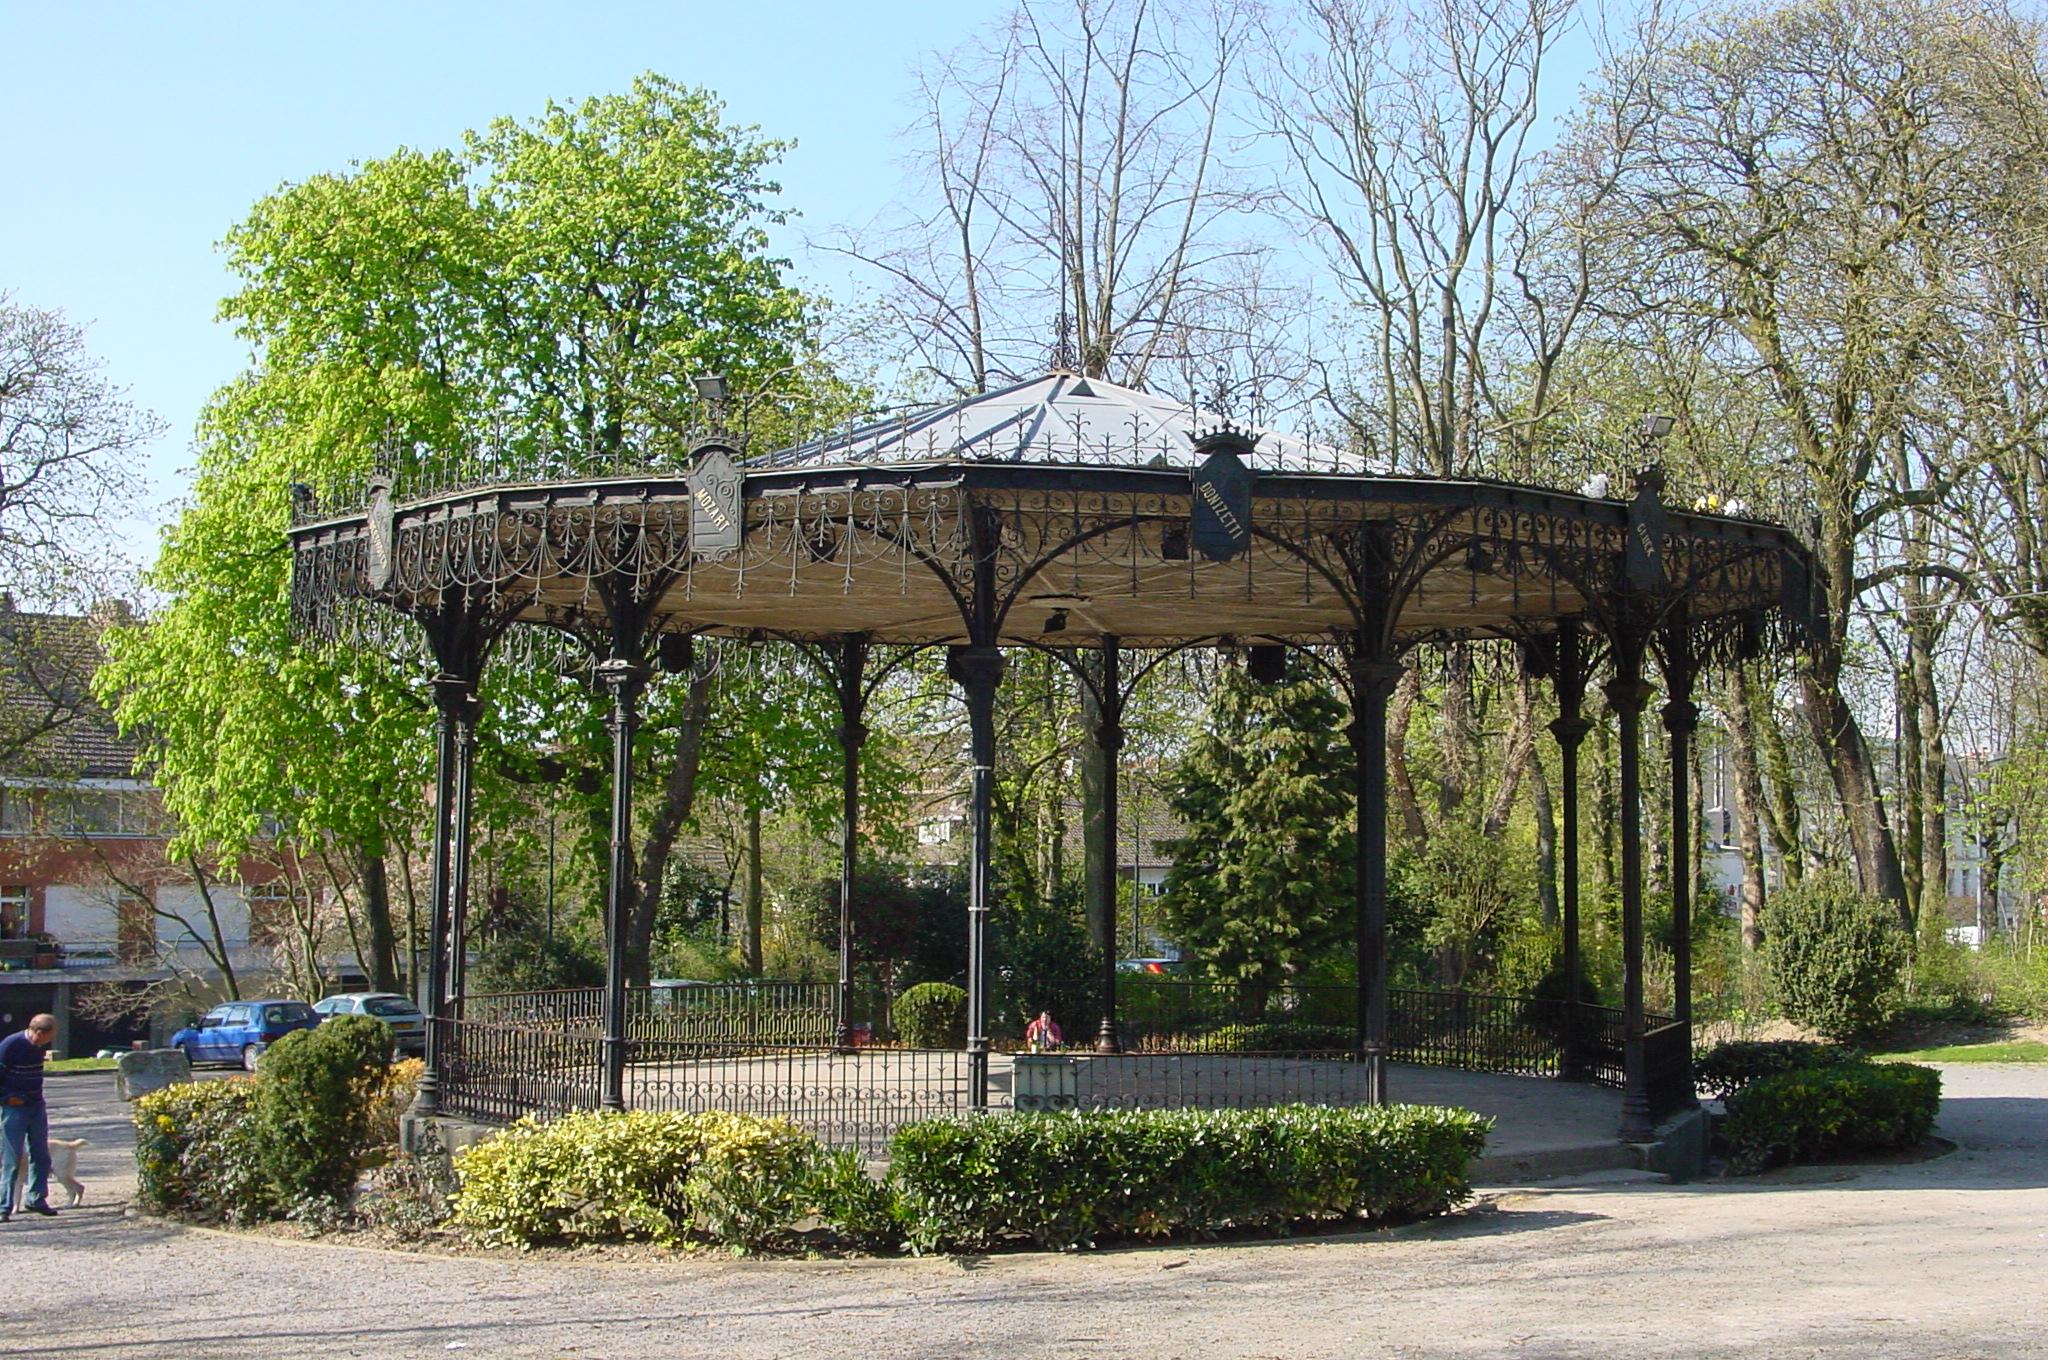 Kiosque musique for Jardin wiktionnaire